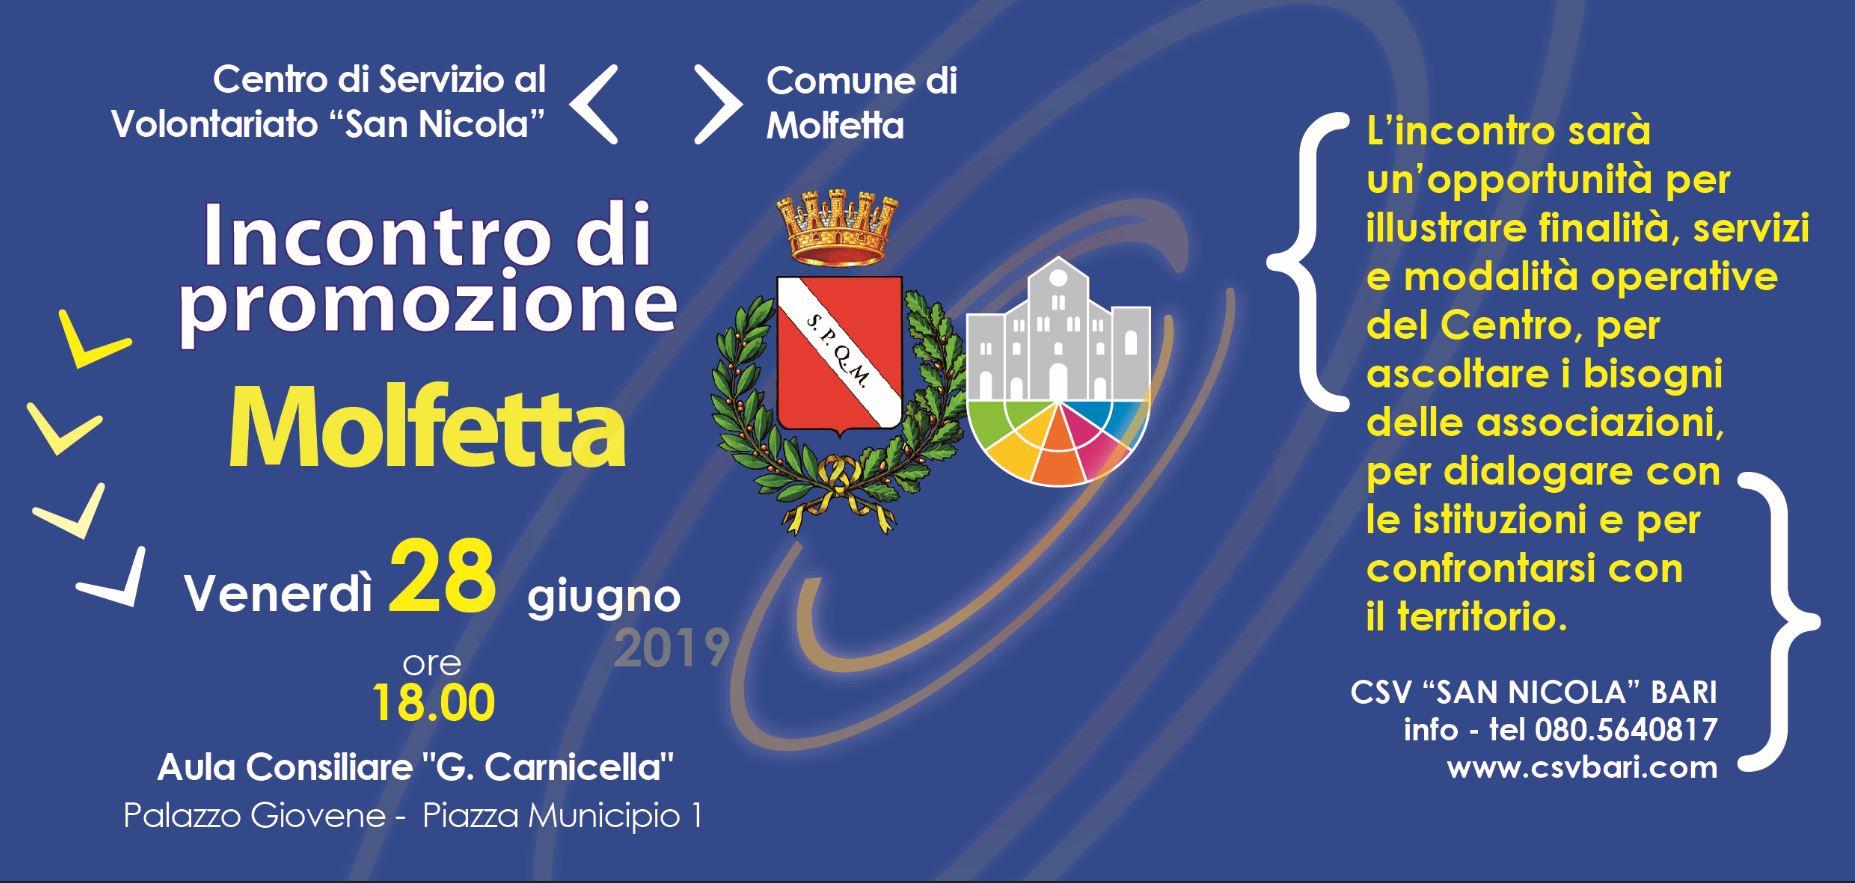 incontro di promozione e animazione territoriale a Molfetta 28 Giugno 2019